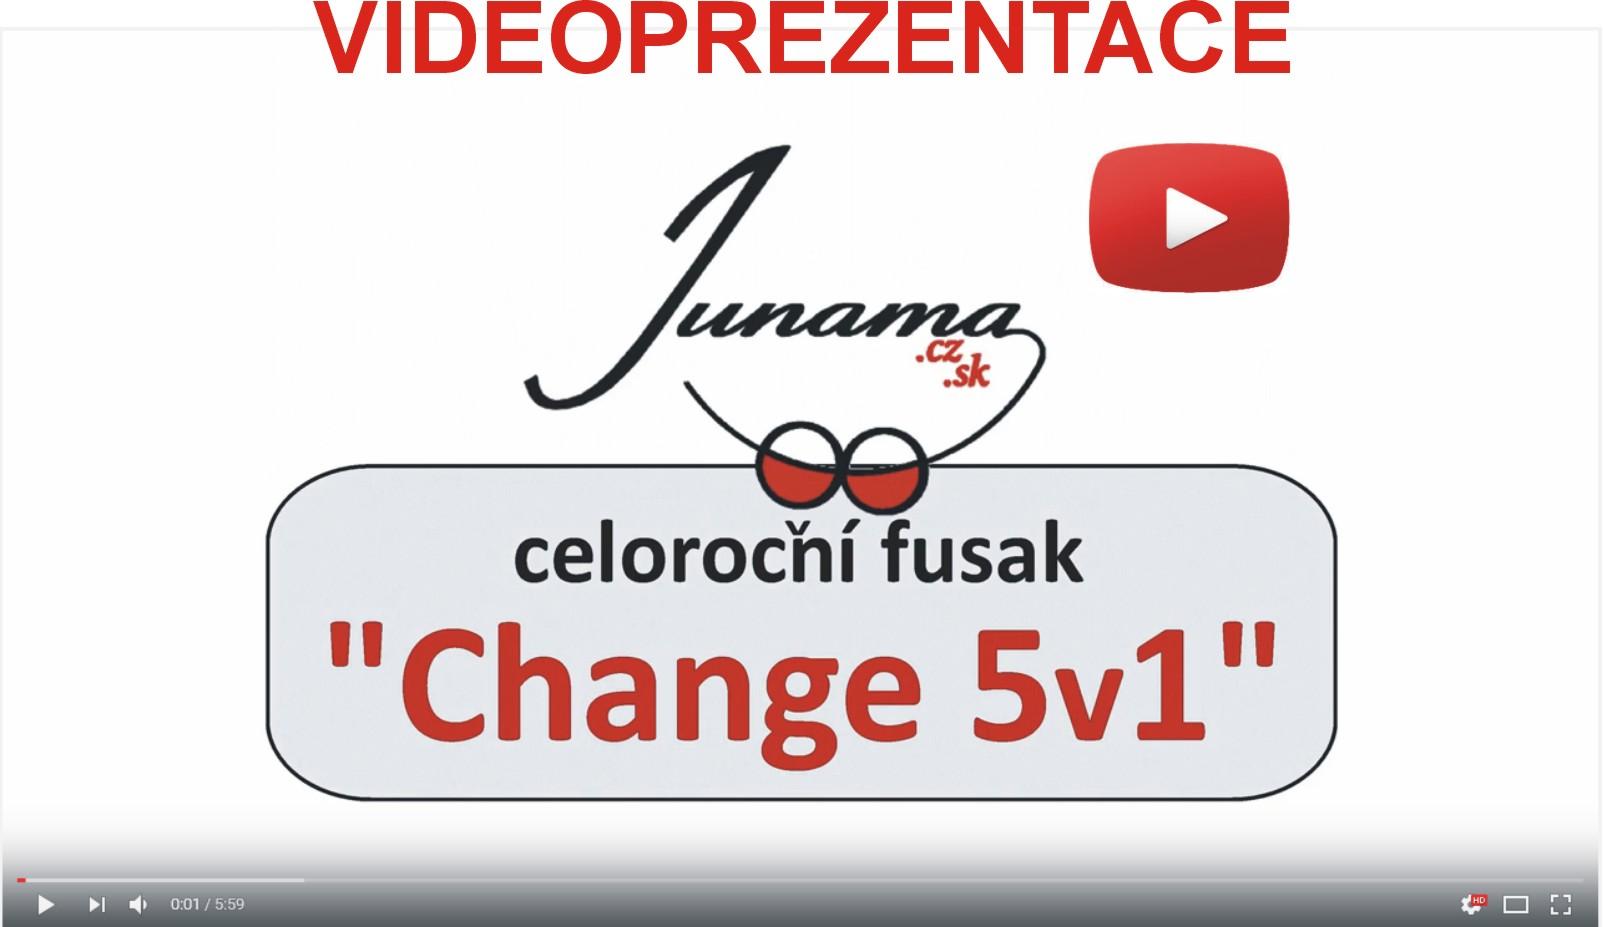 Change 5v1